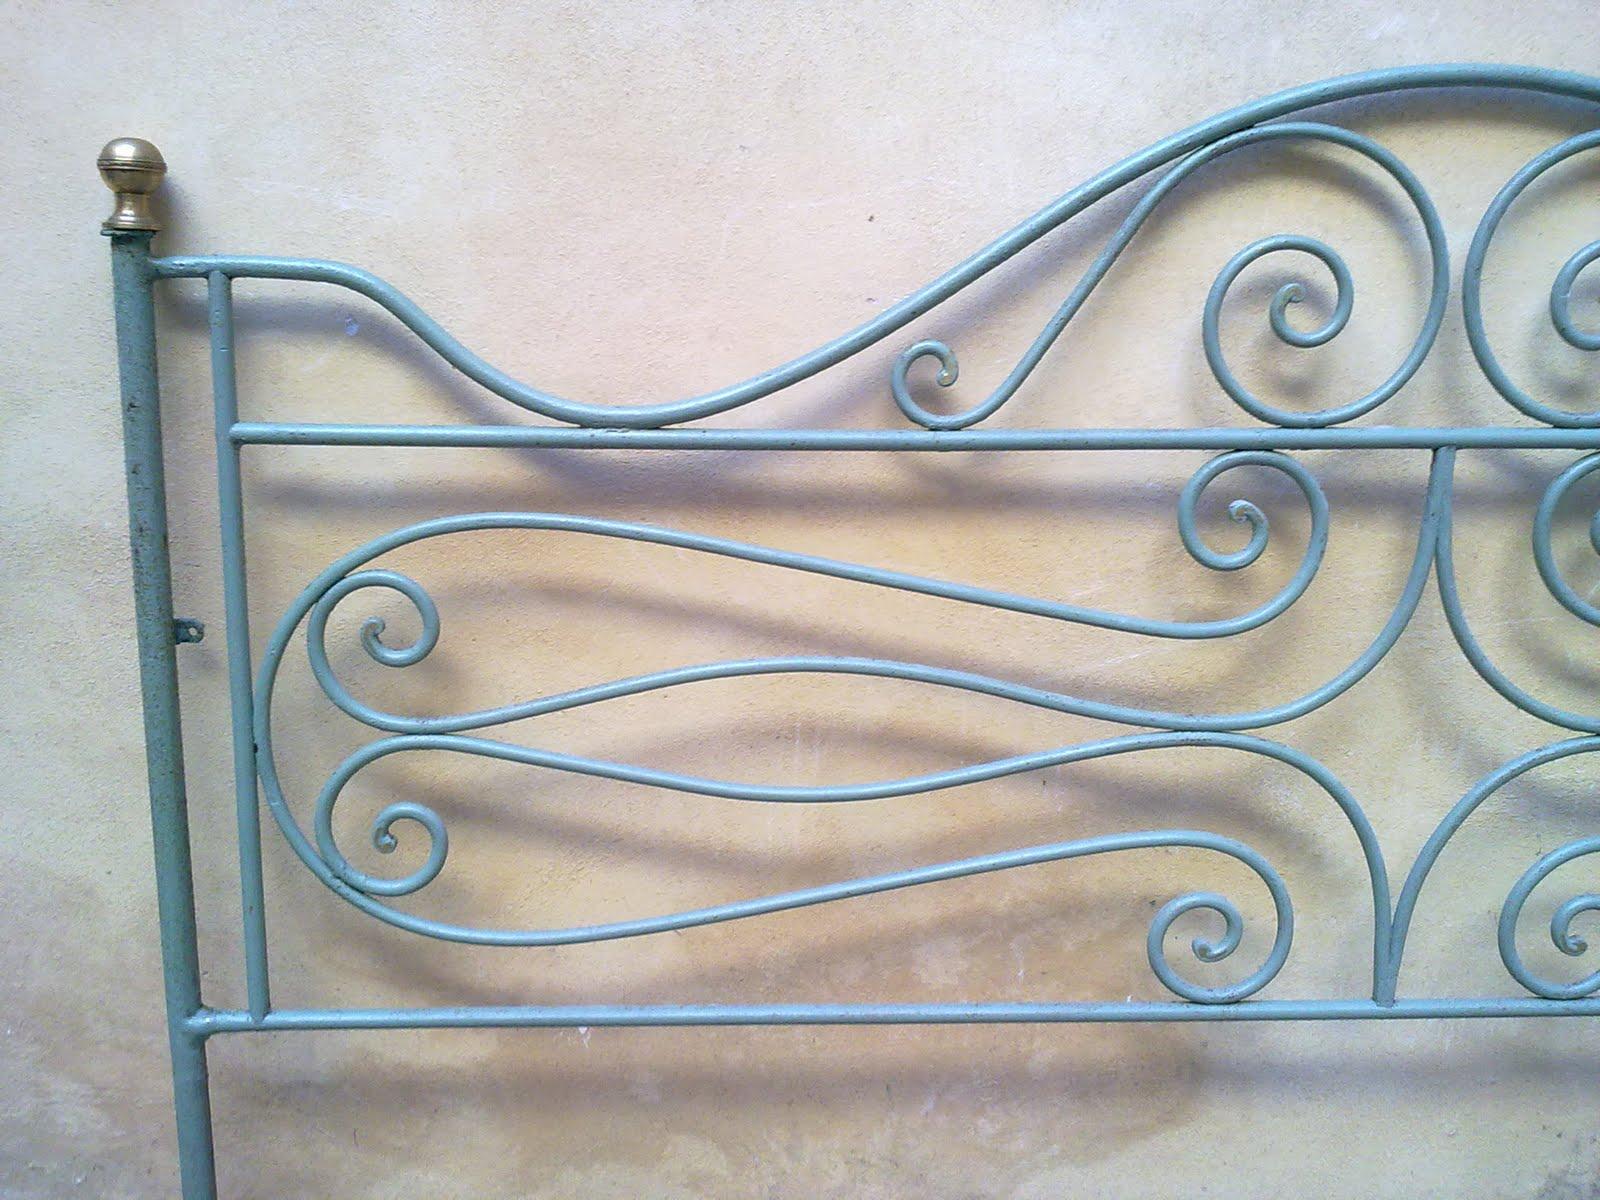 Ditta brogani maurizio lavori in ferro battuto e restauri - Testiera letto ferro battuto ...